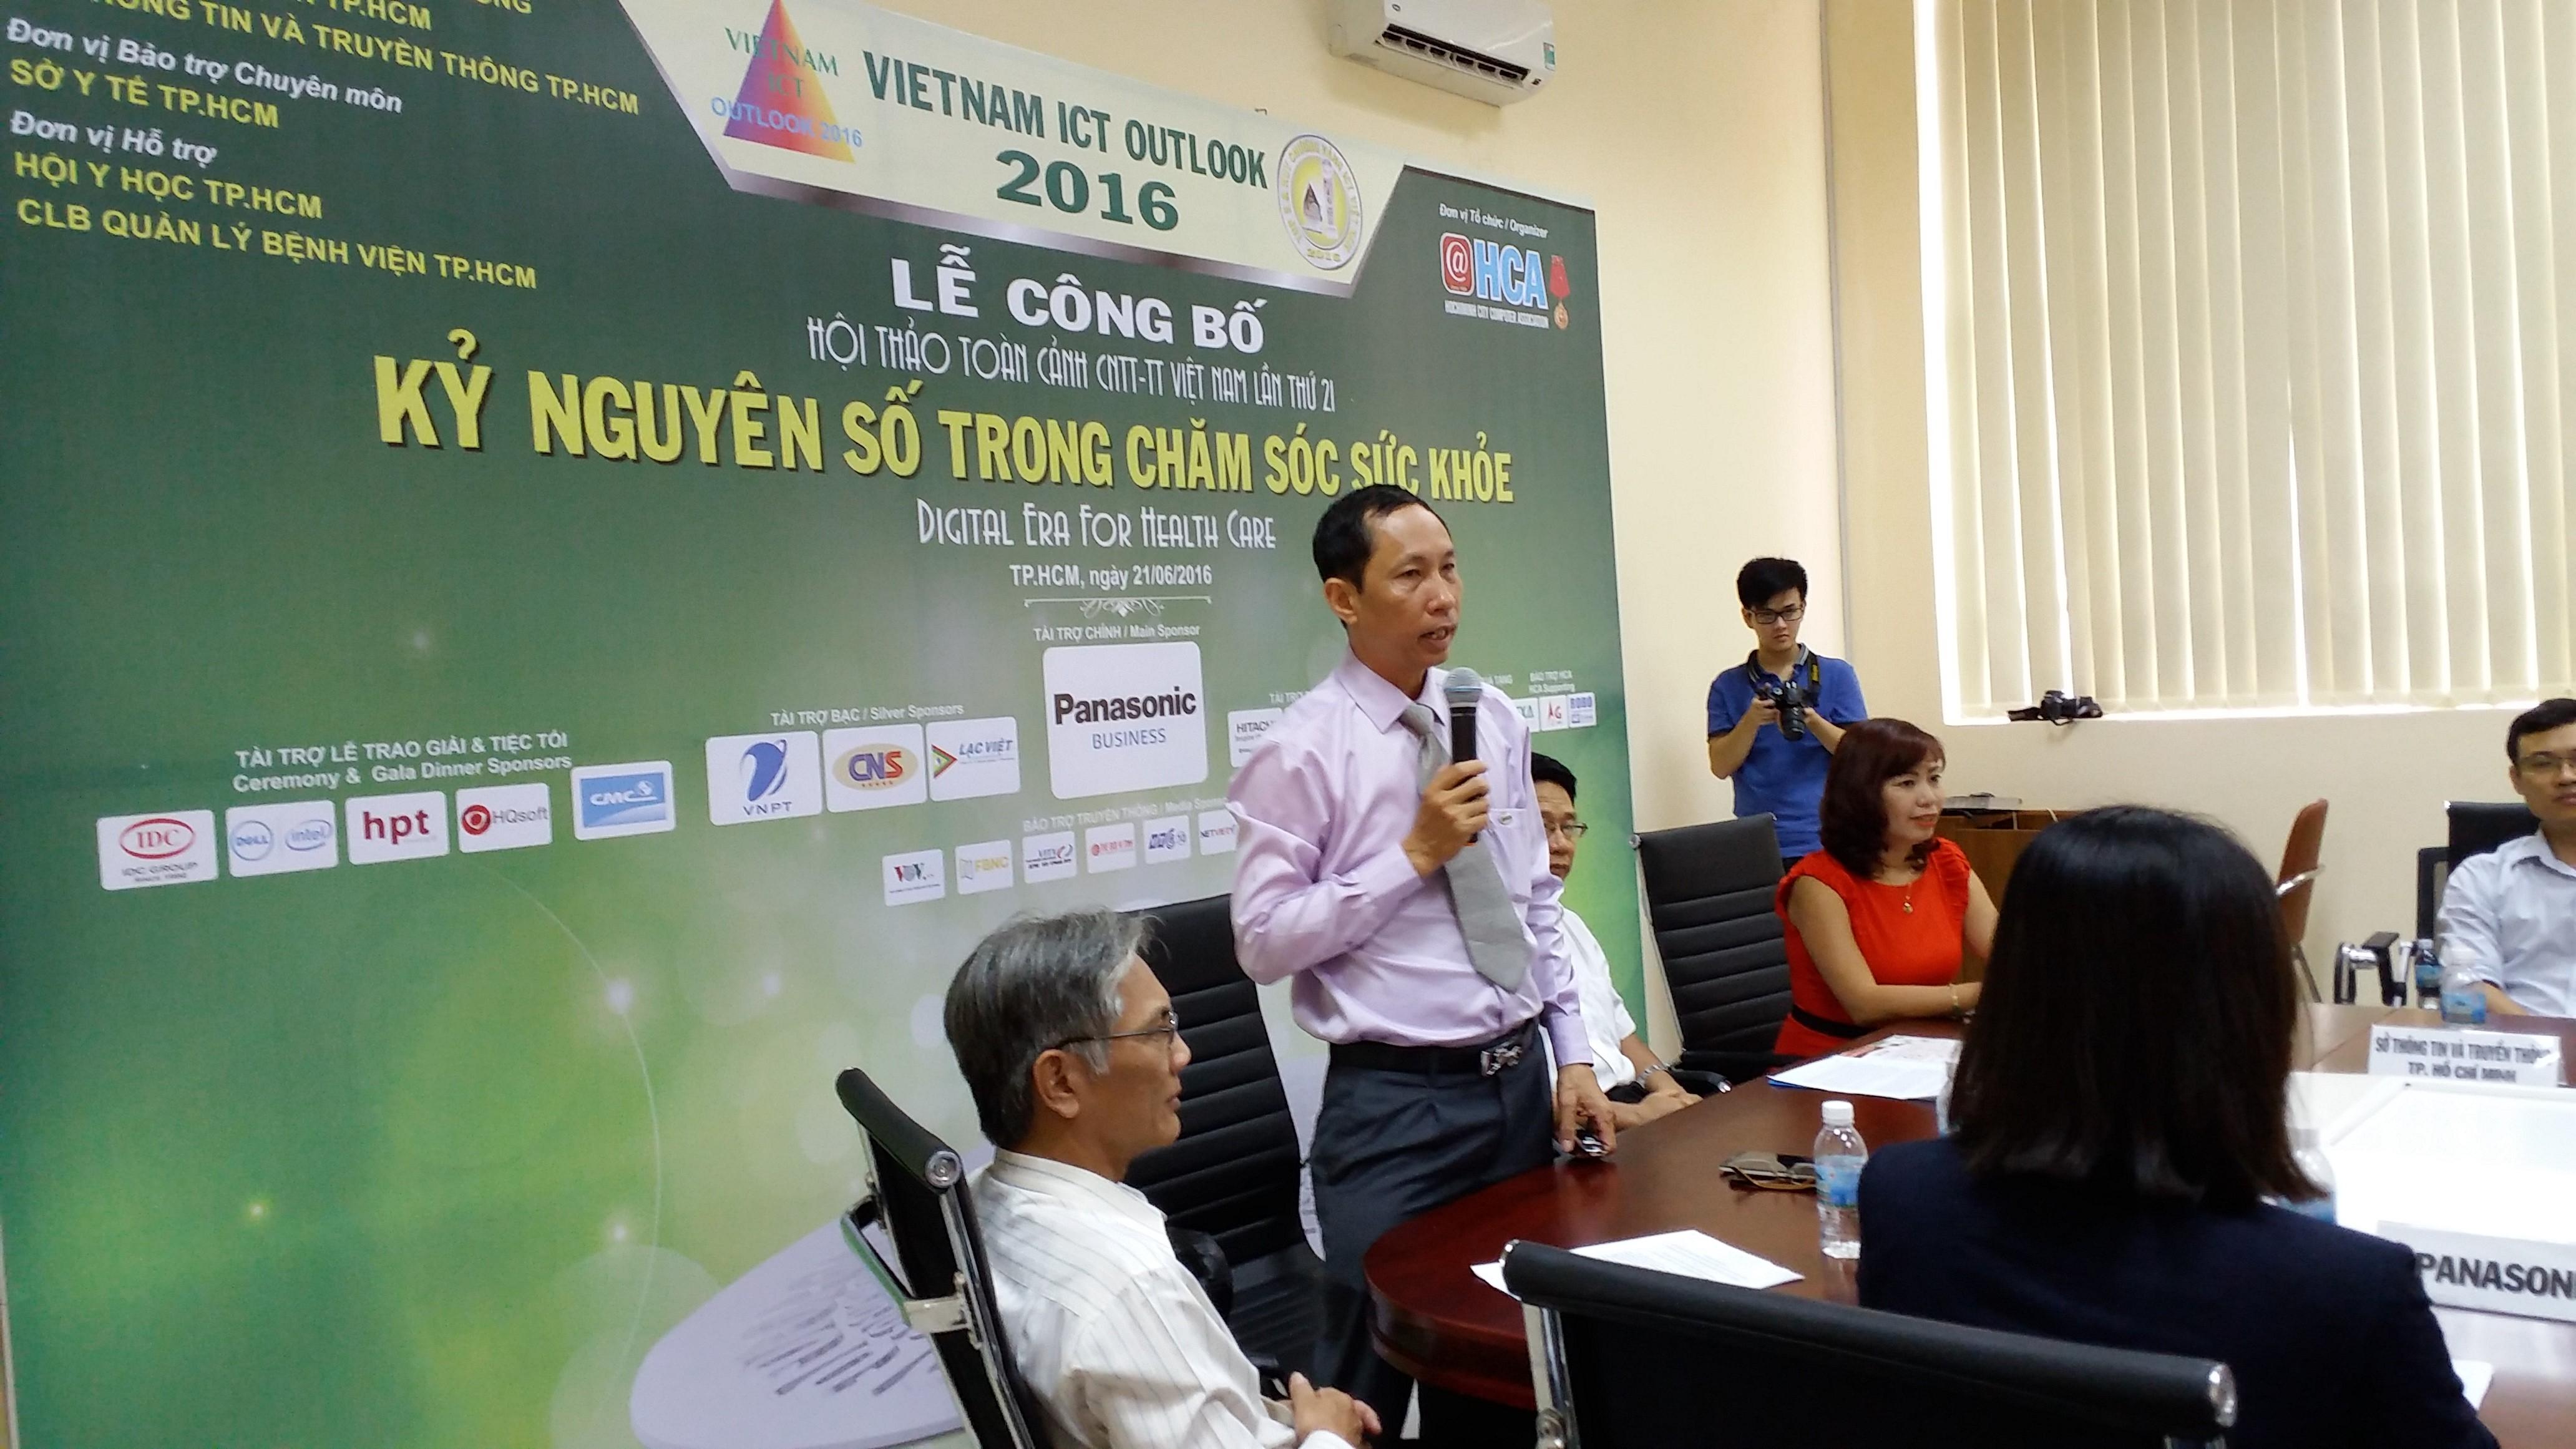 20160621 091254 - Công bố hội thảo toàn cảnh CNTT-TT Việt Nam 2016